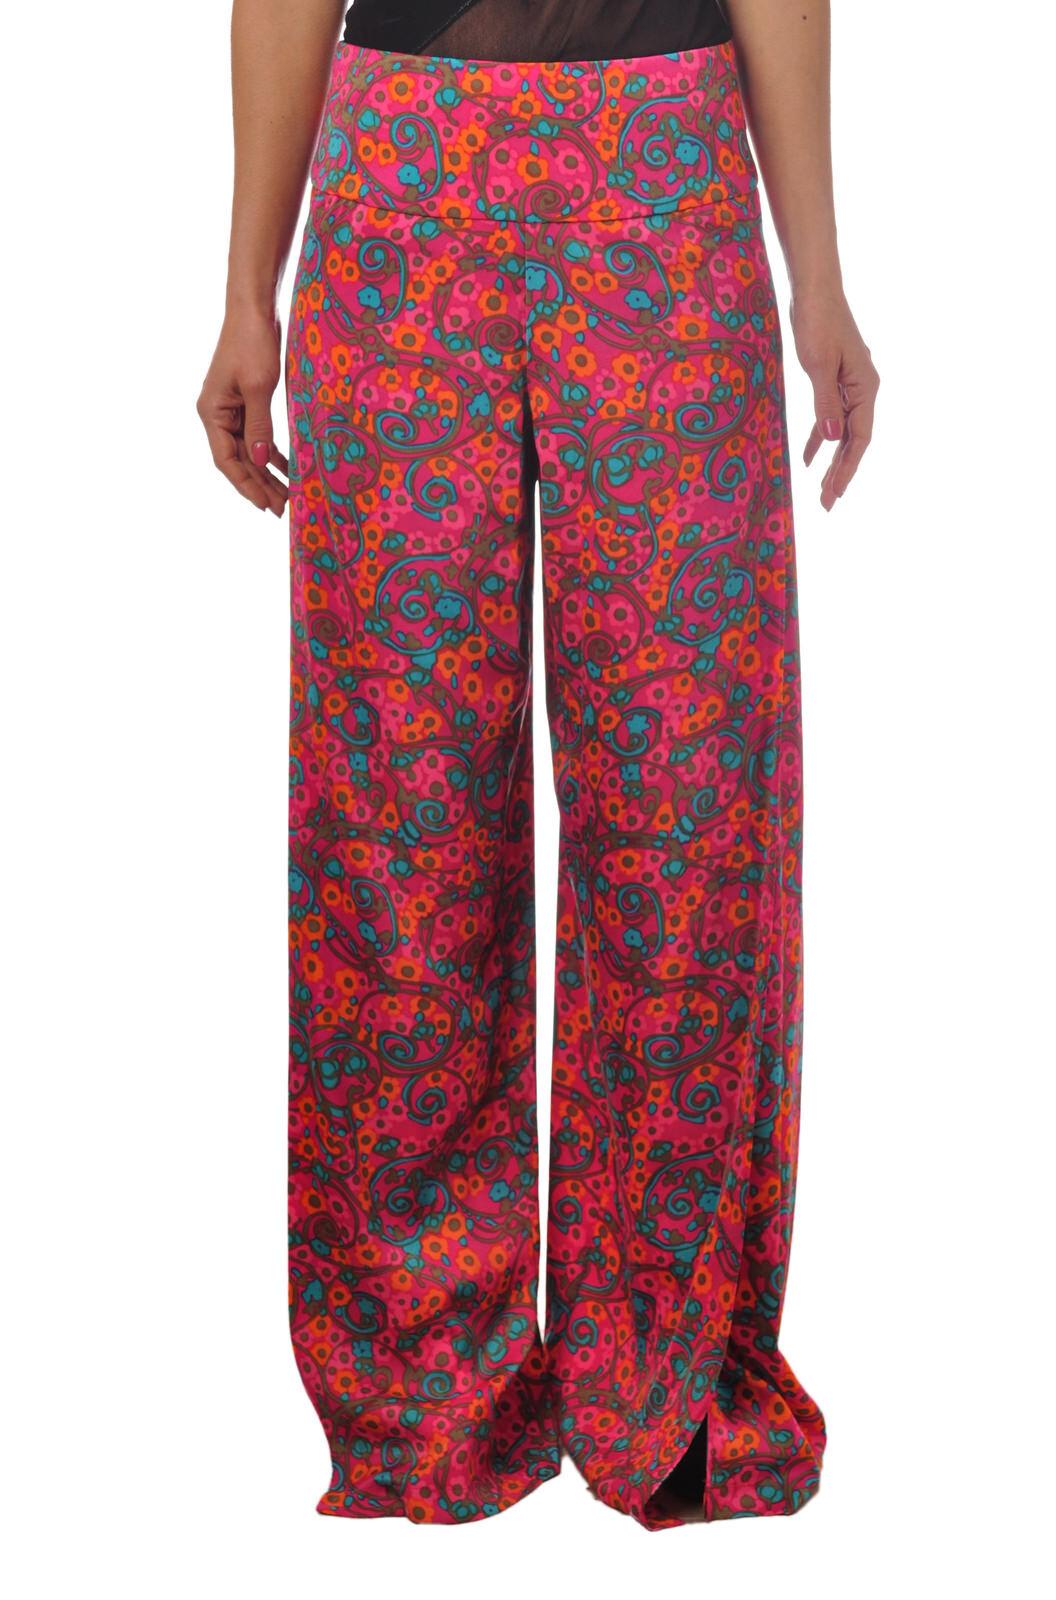 Hoss  - Pants-Pants - Woman - Fantasy - 5079622F181141  auténtico